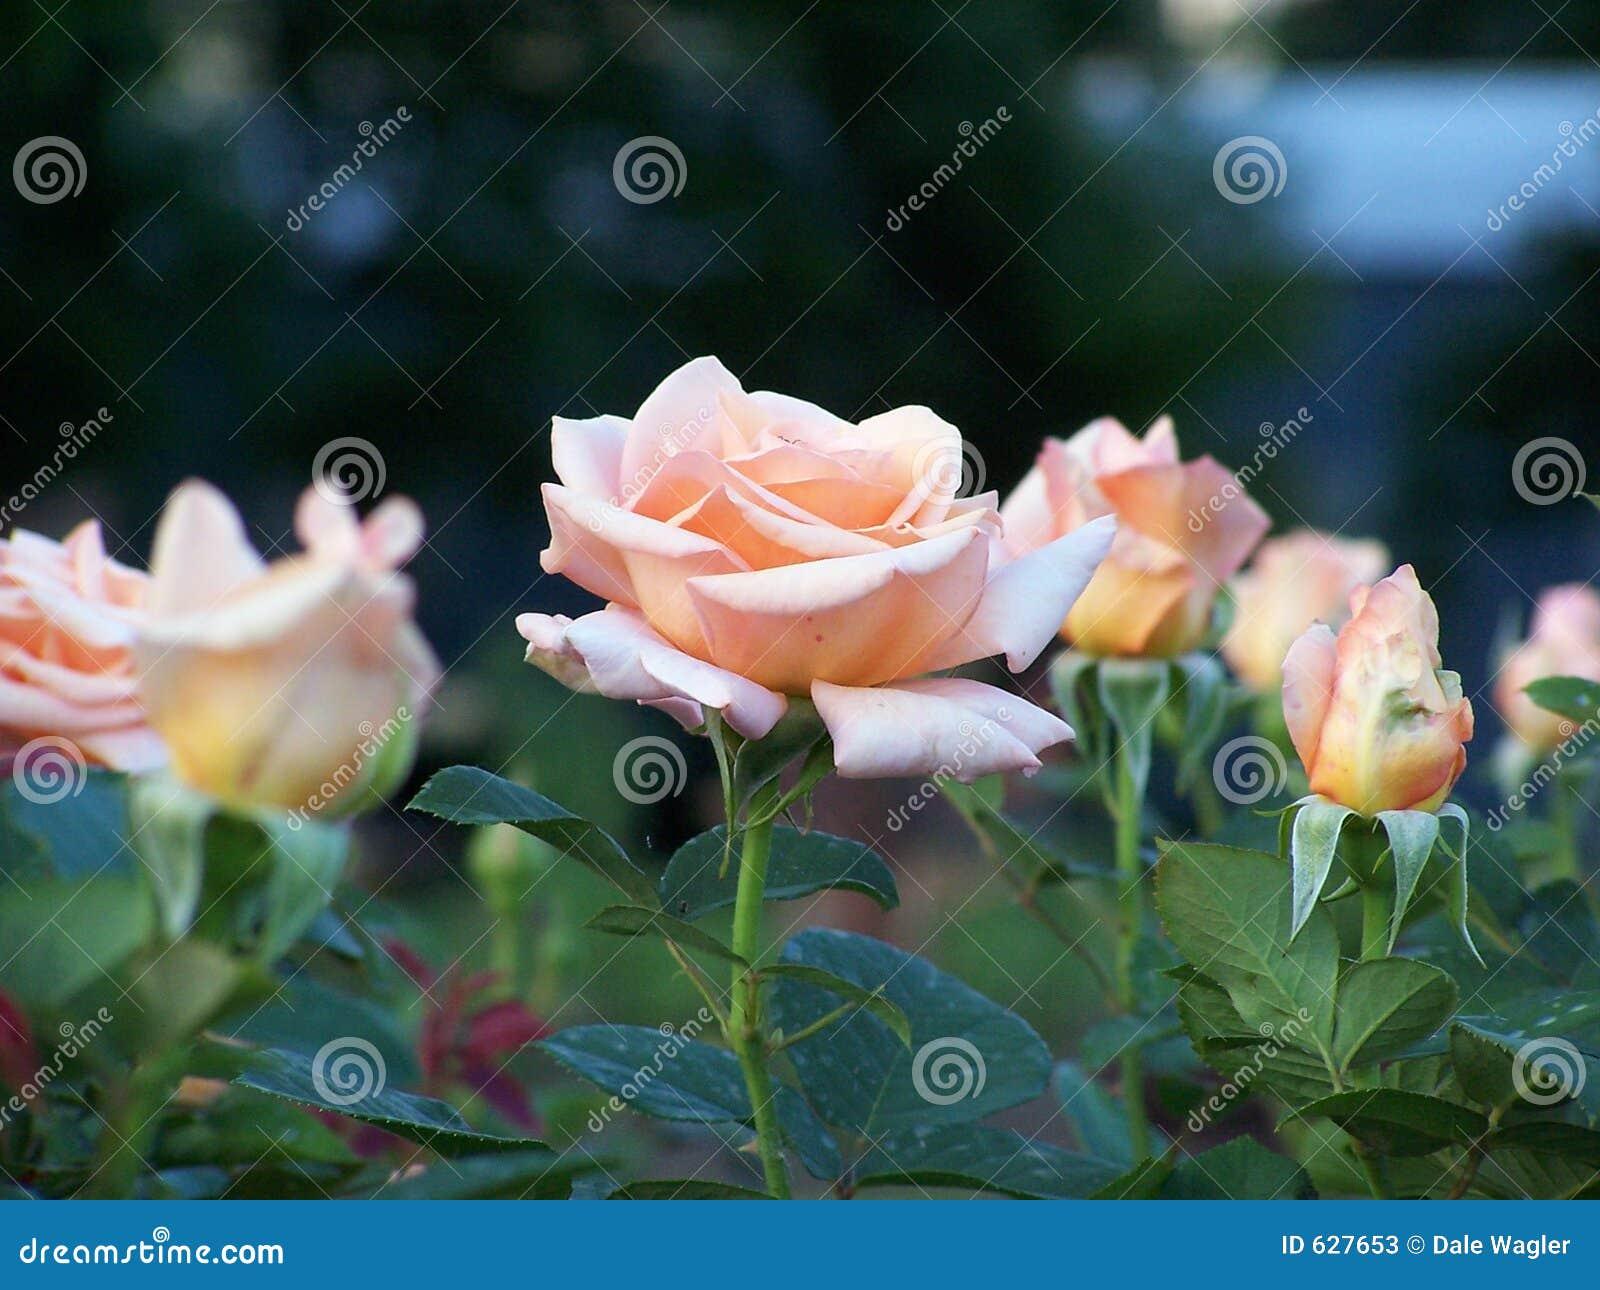 flores de jardim rosas : flores de jardim rosas:Jardim De Rosas Cor-de-rosa Fotos de Stock – Imagem: 627653